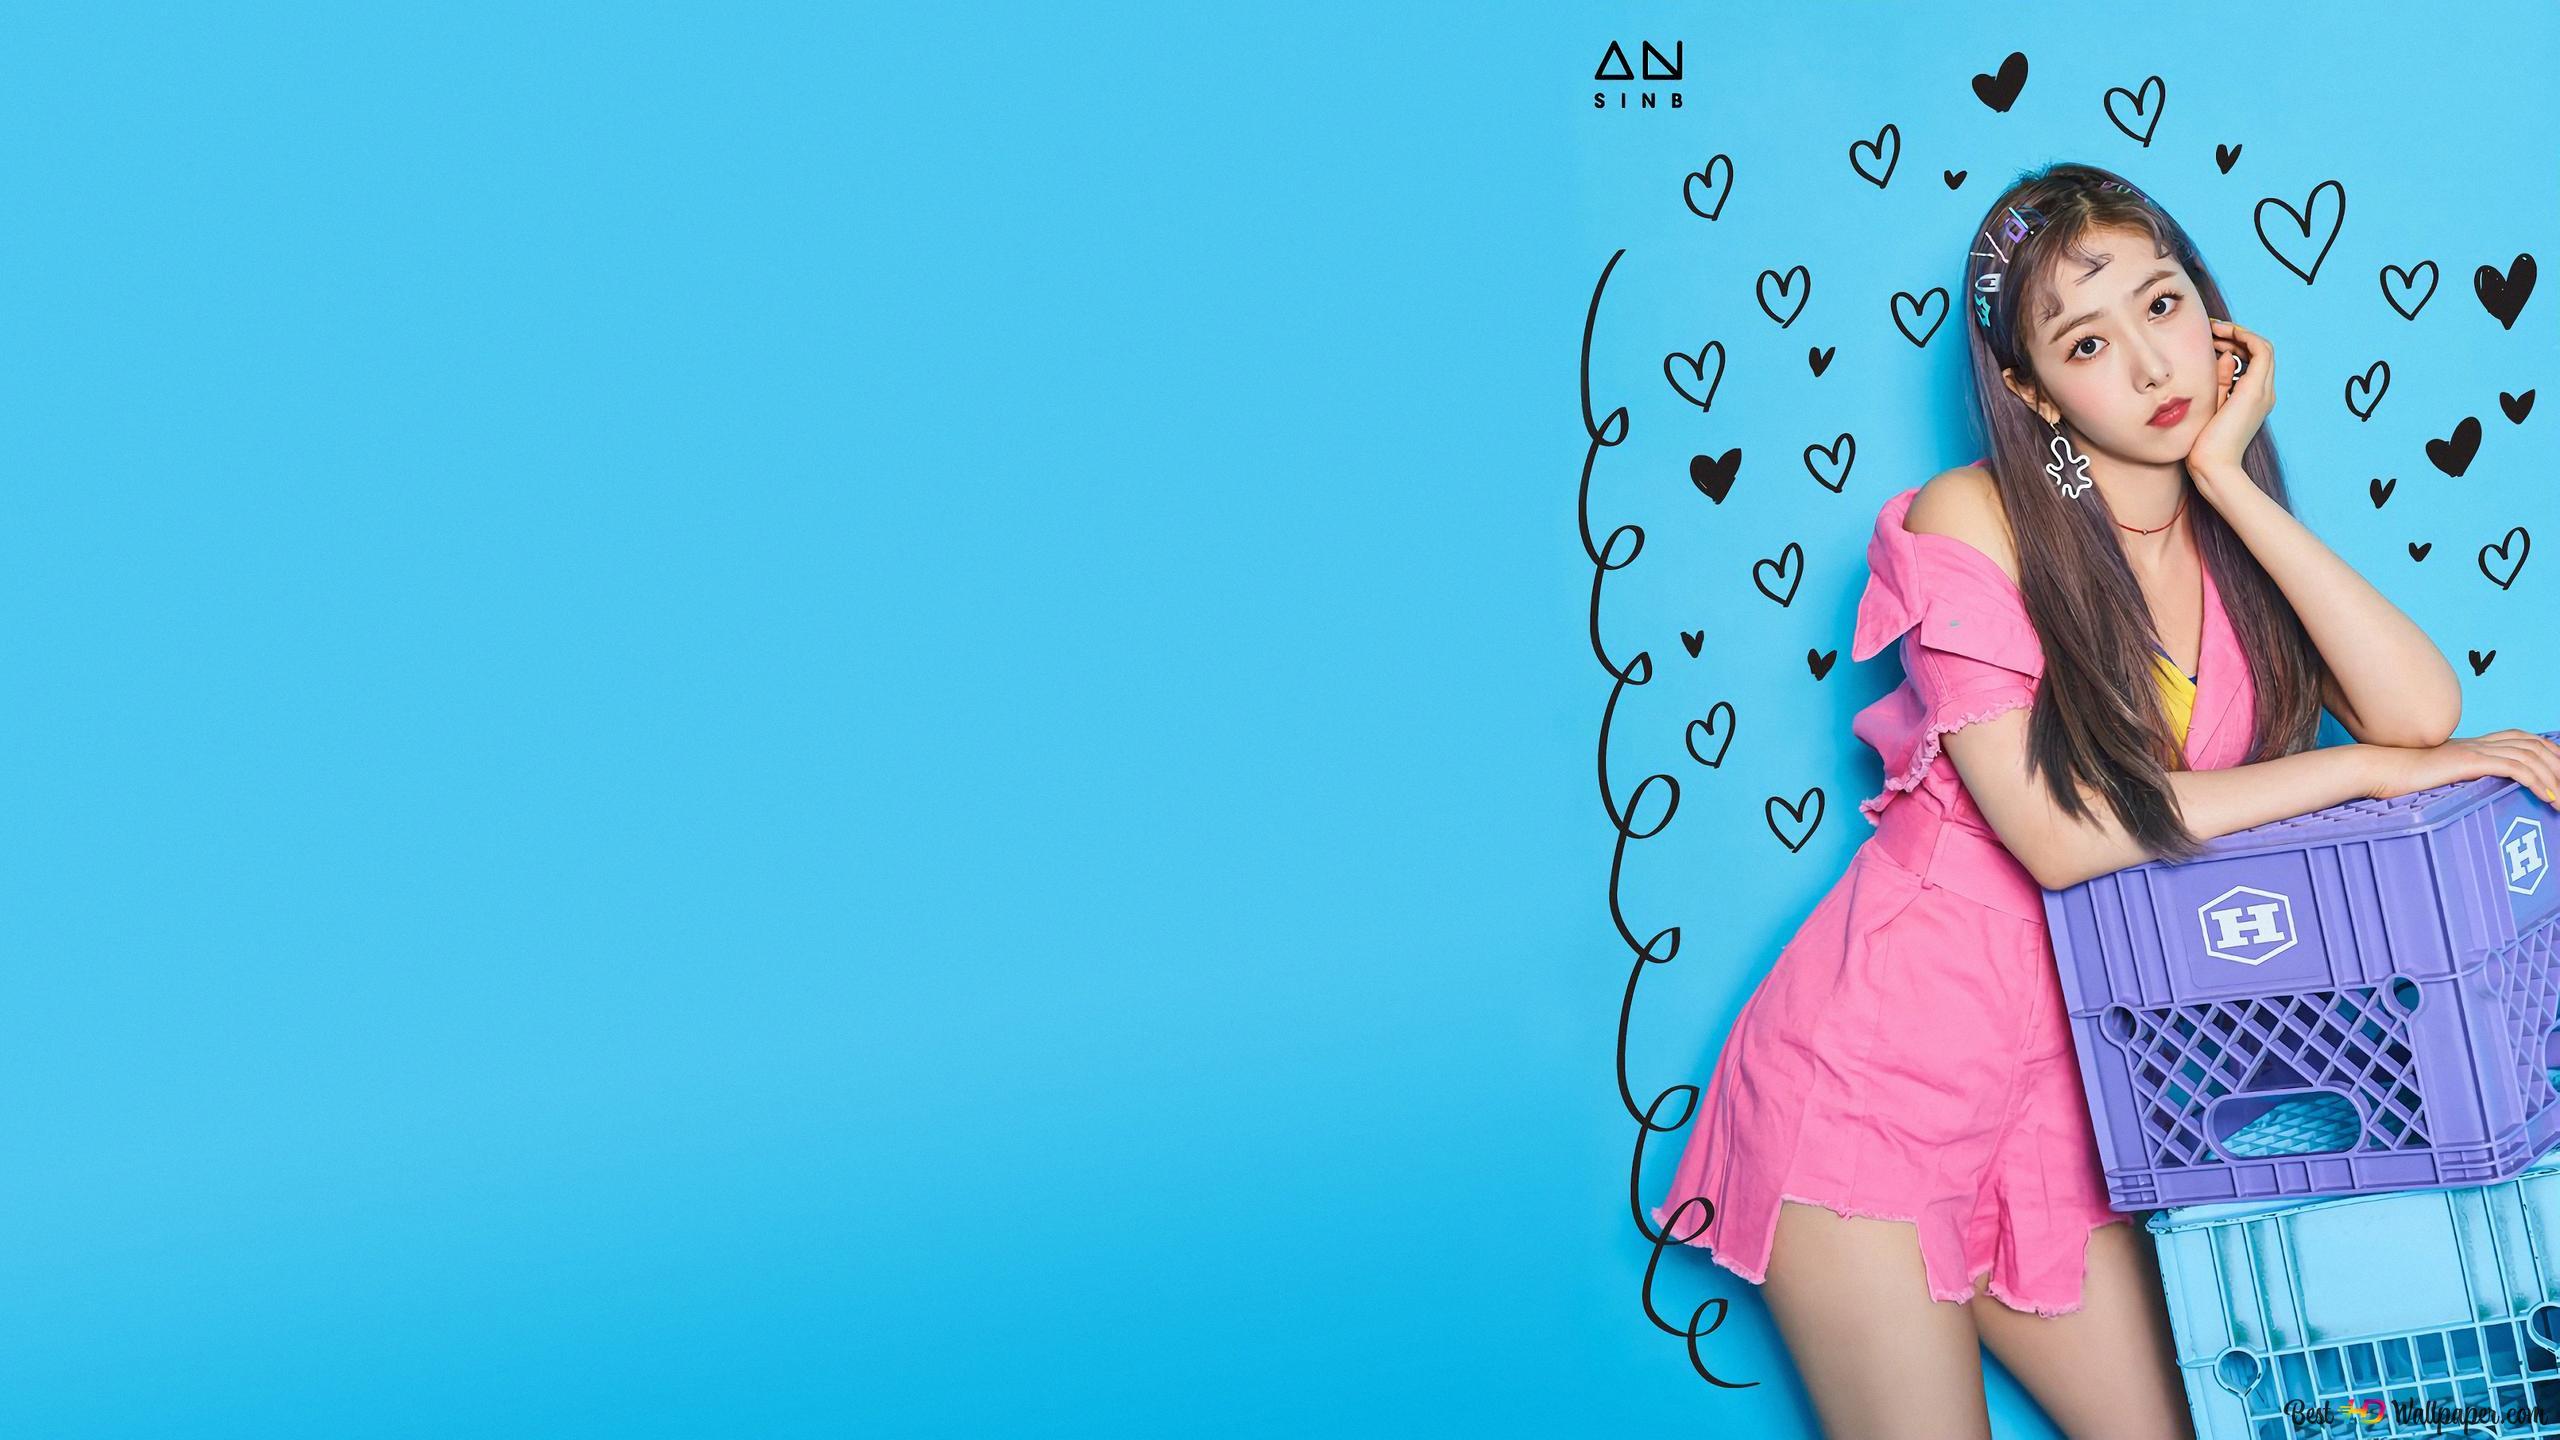 Gfriendからsinb 黄ウン Bi バンドk Pop Hd壁紙のダウンロード